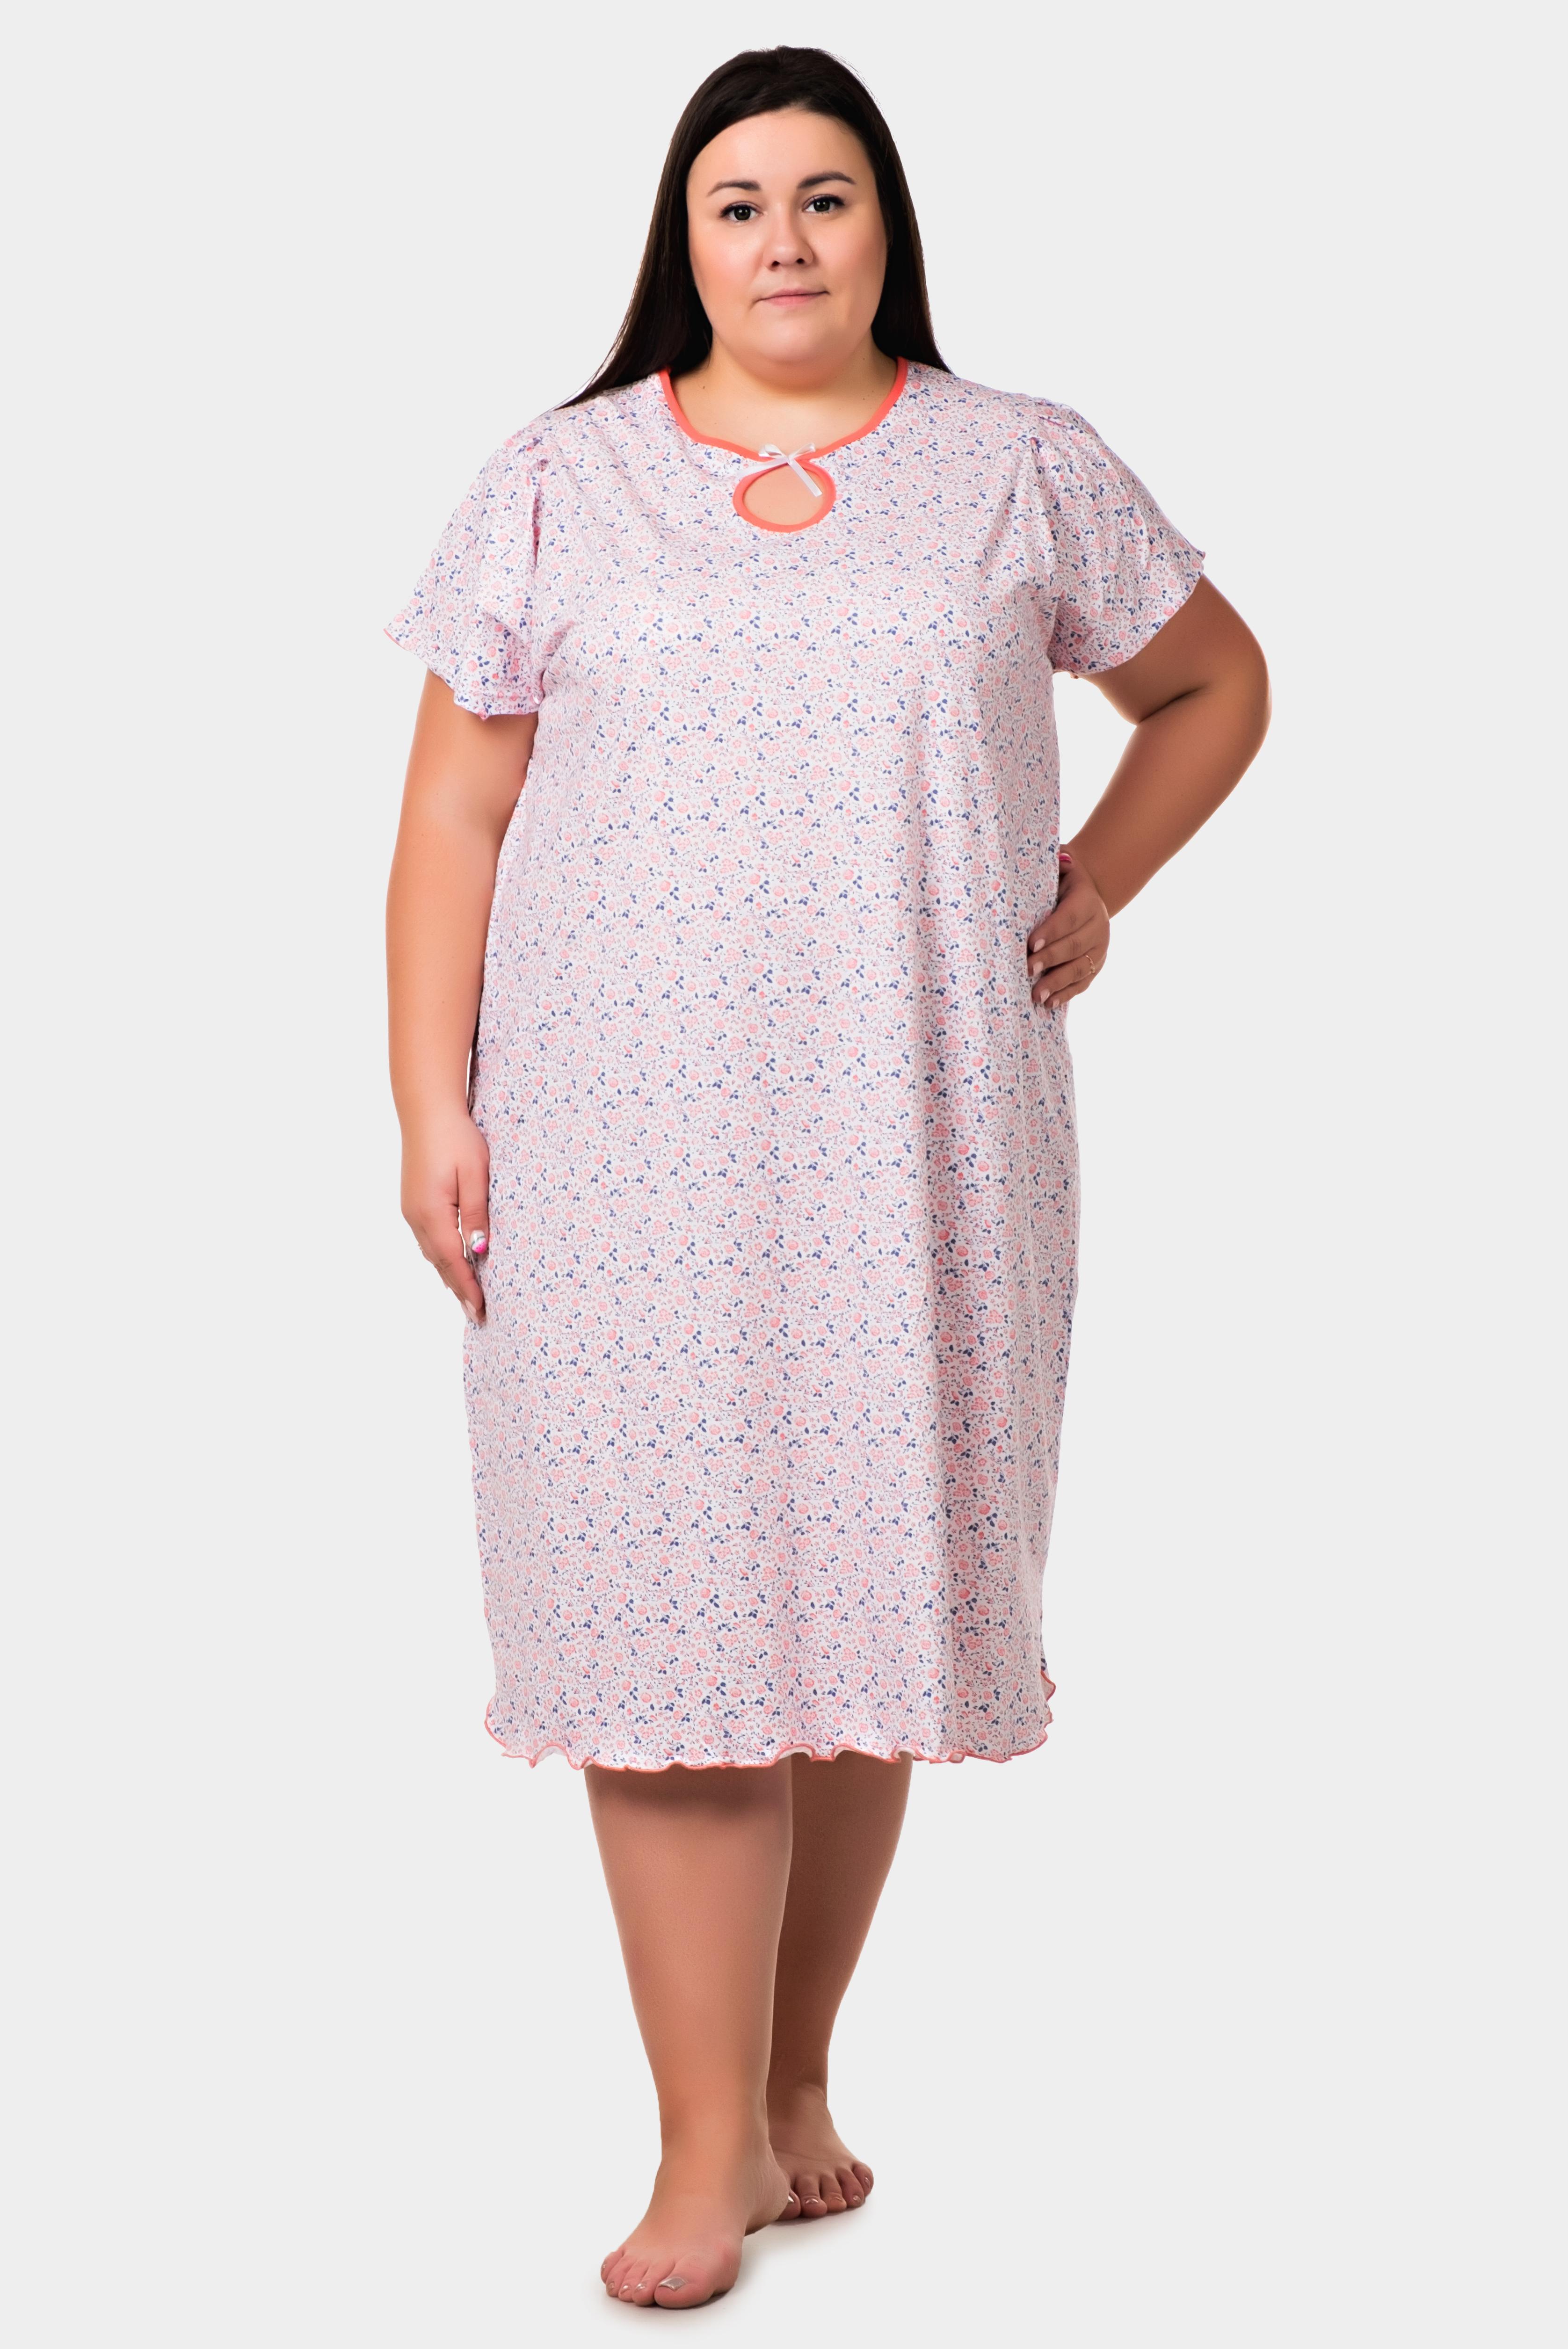 Изображение: Сорочка  с подрезами